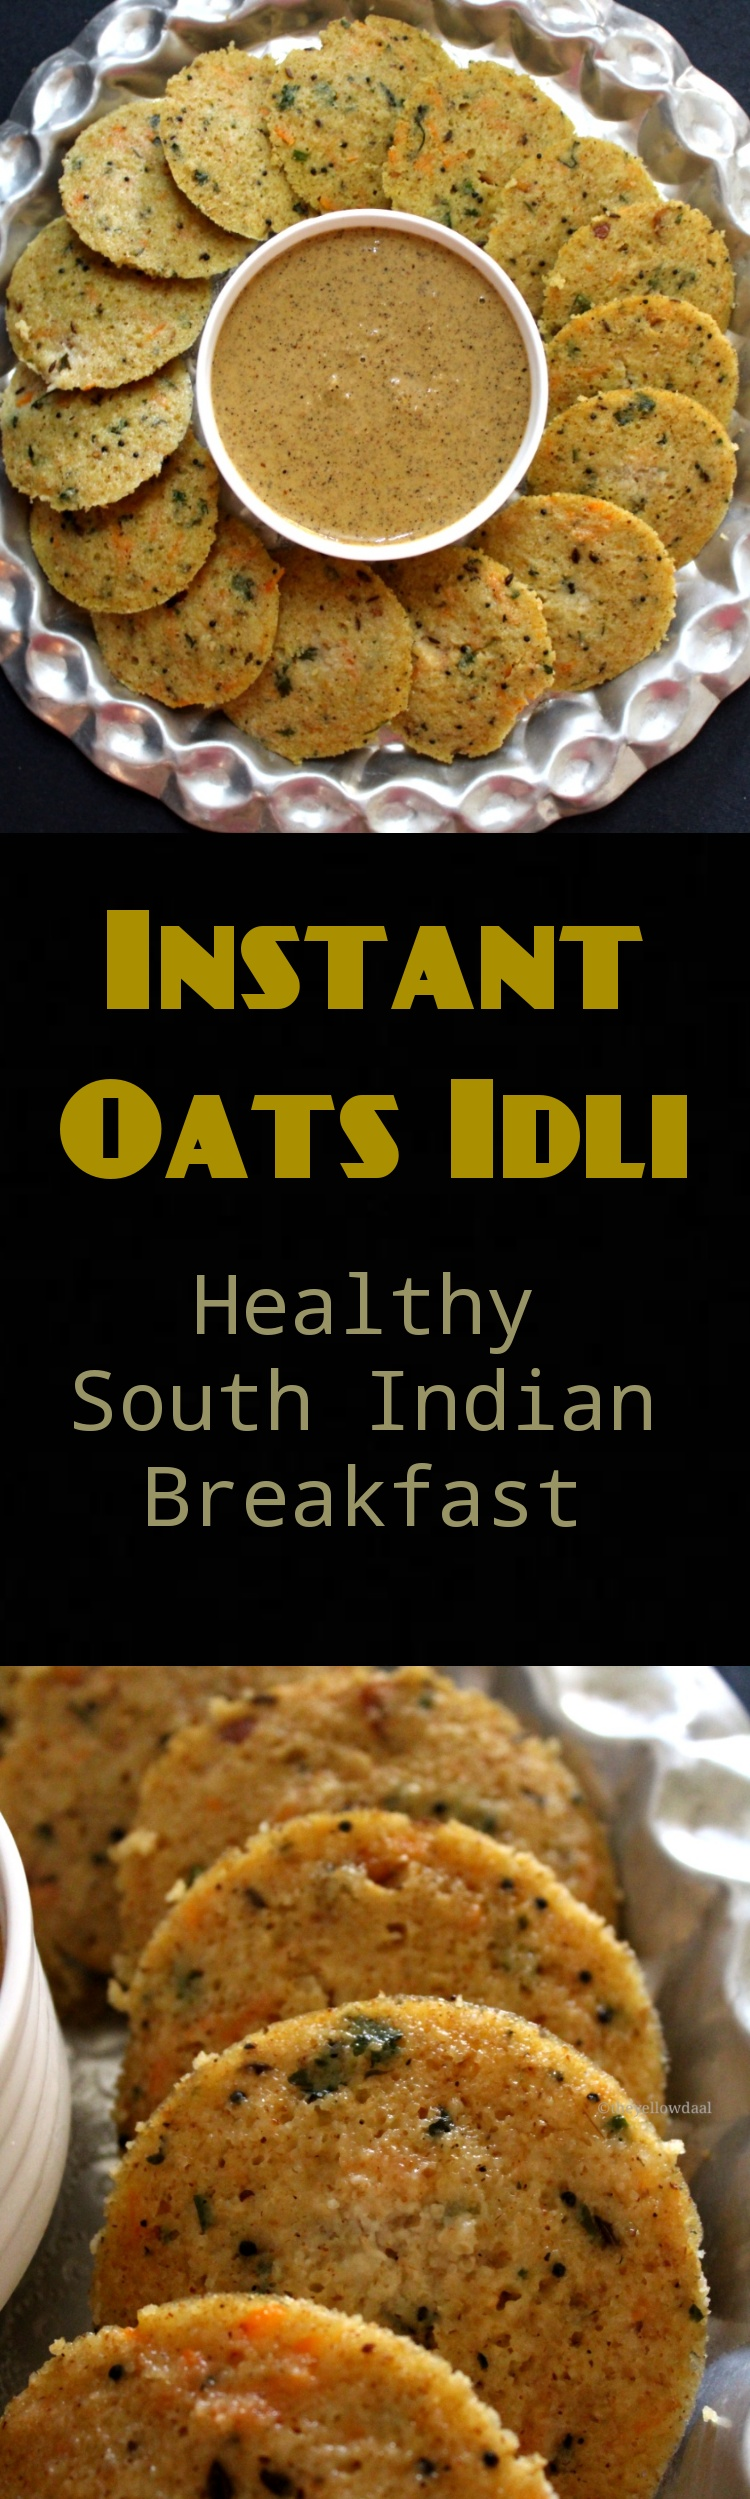 oats-idli